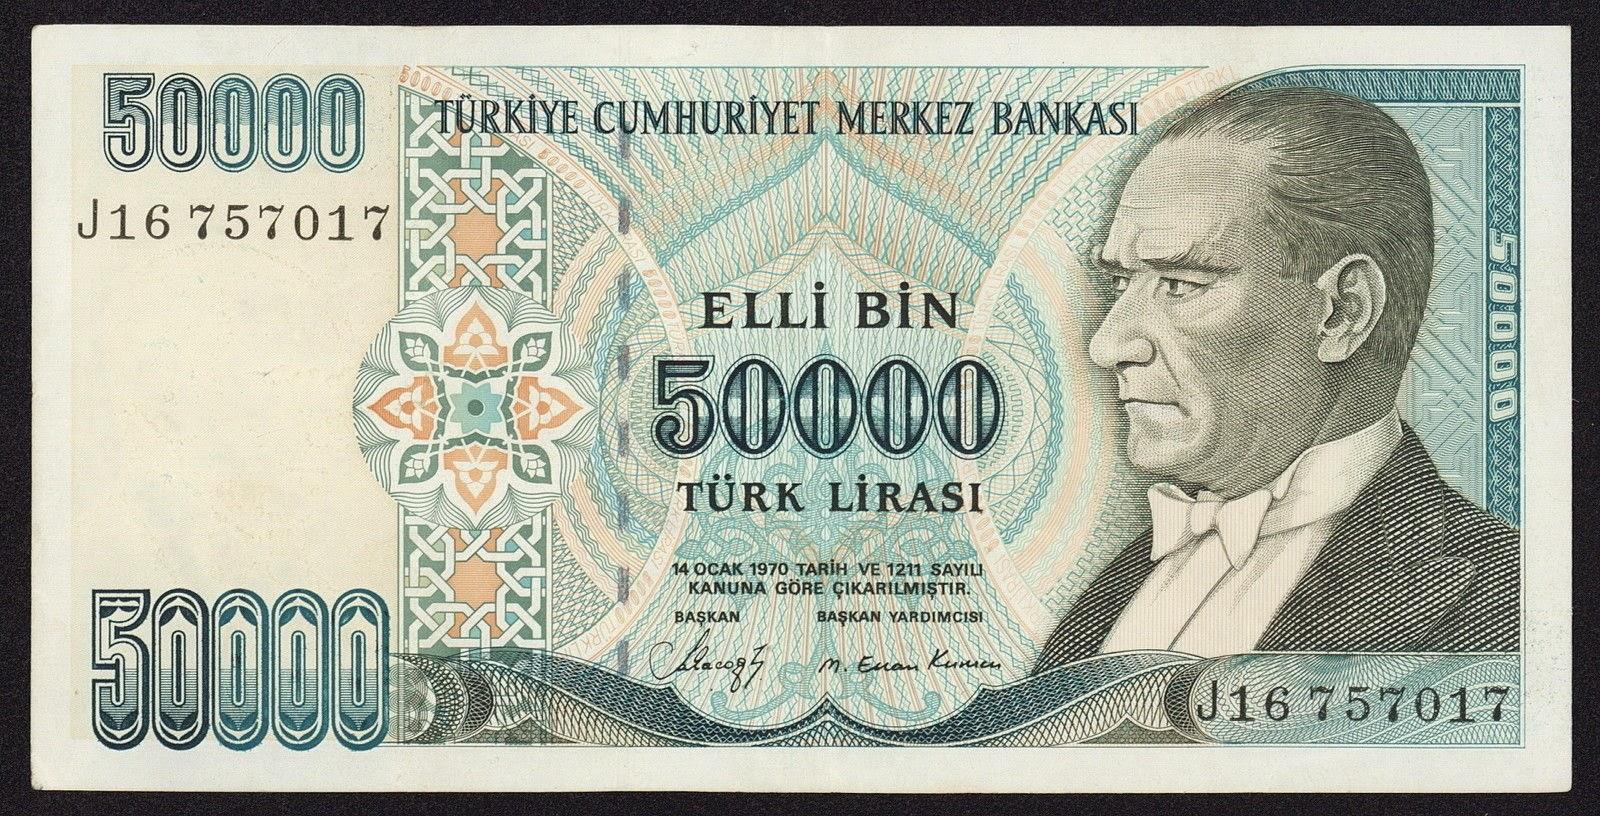 """Turkey Banknotes 50000 Turkish Lira """"Türk Lirasi"""" note 1995 Mustafa Kemal Atatürk"""